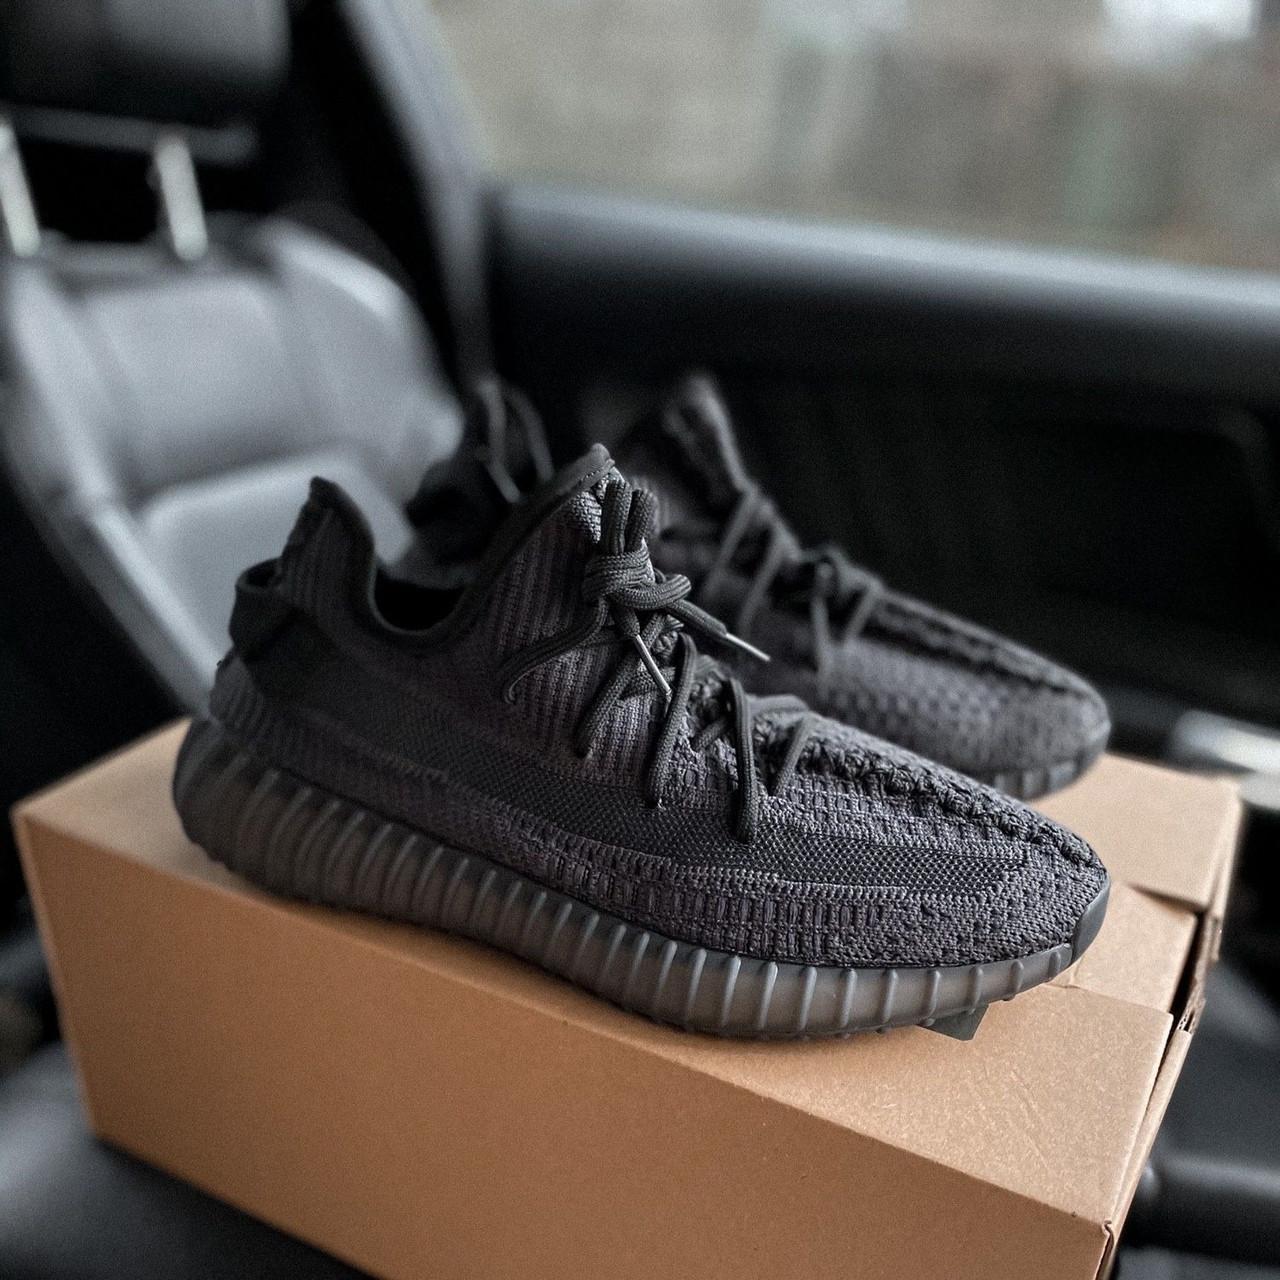 Женские кроссовки в стиле Adidas Yeezy Boost 350 V2 Black